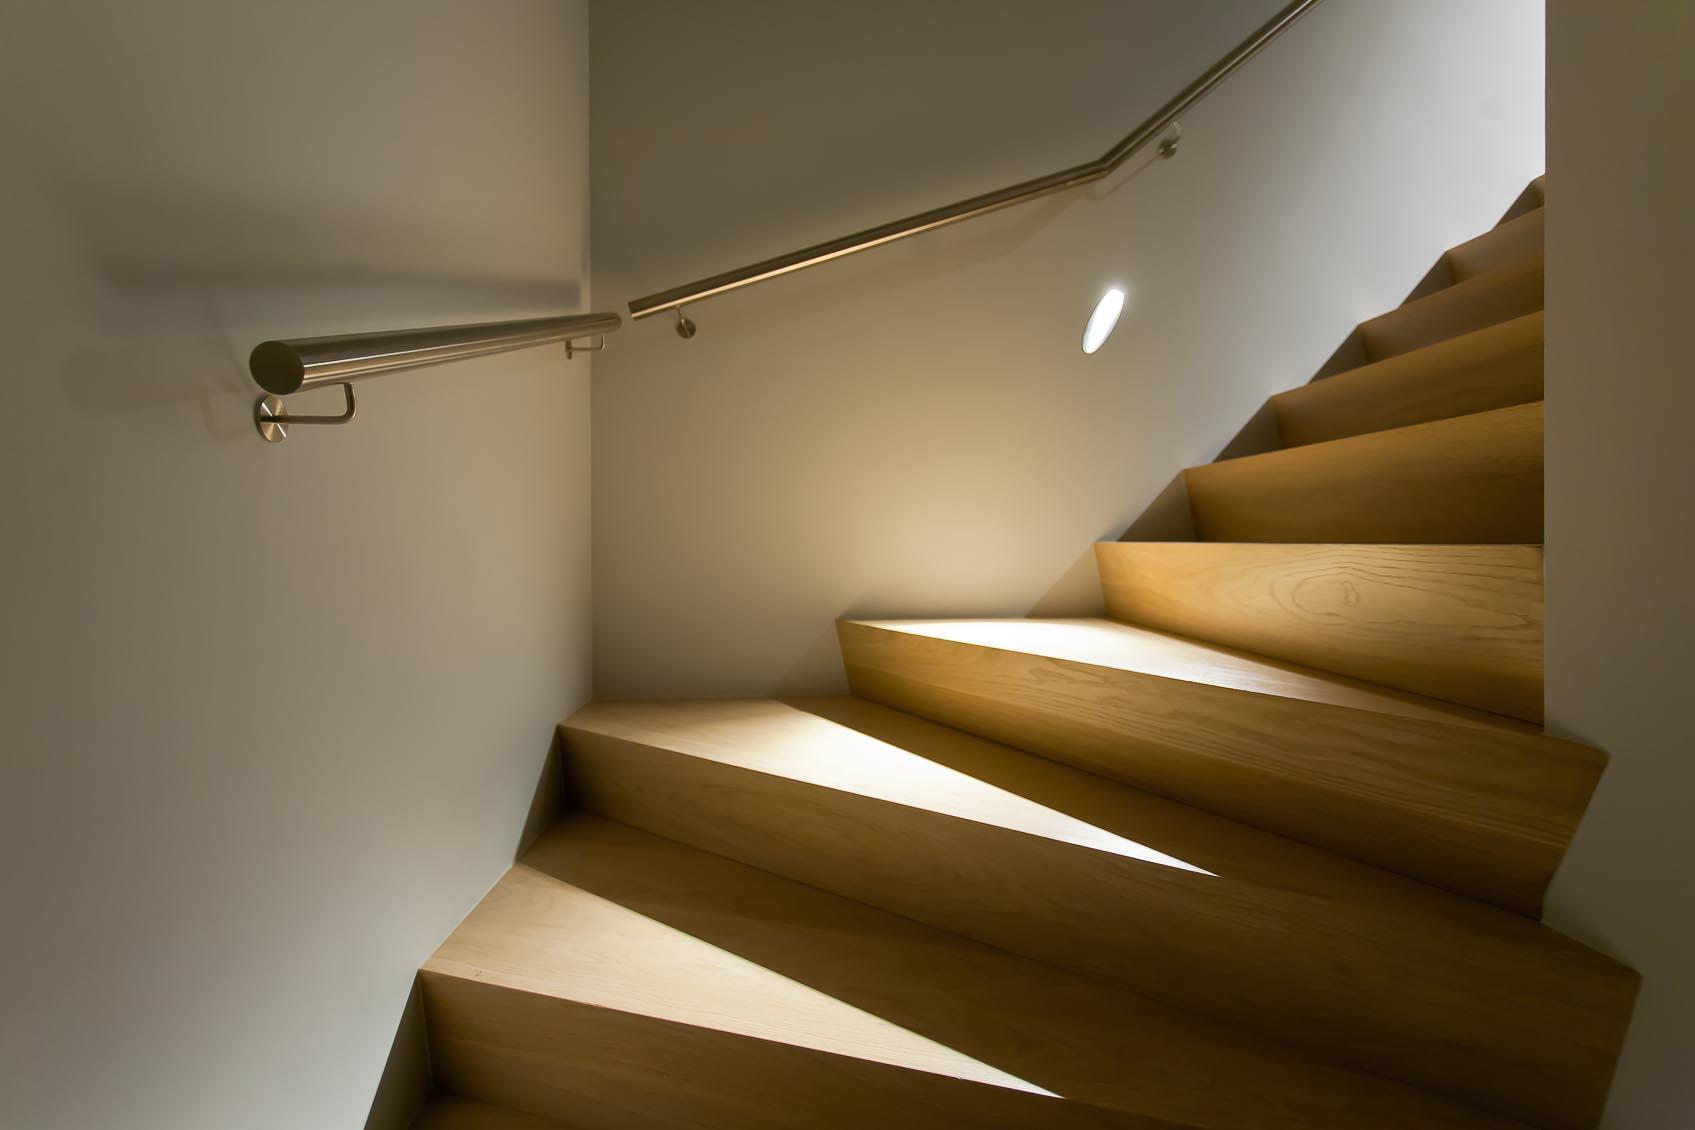 bullet hole inbouw wandlamp als perfecte trapverlichting door juist lichtadvies betreft positionering